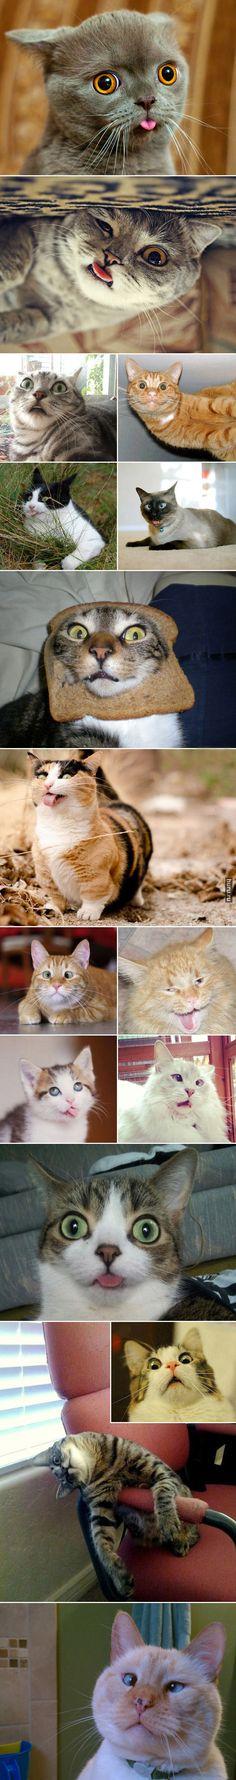 Коты с идиотским выражением лица. Или морды?  Huru.ru